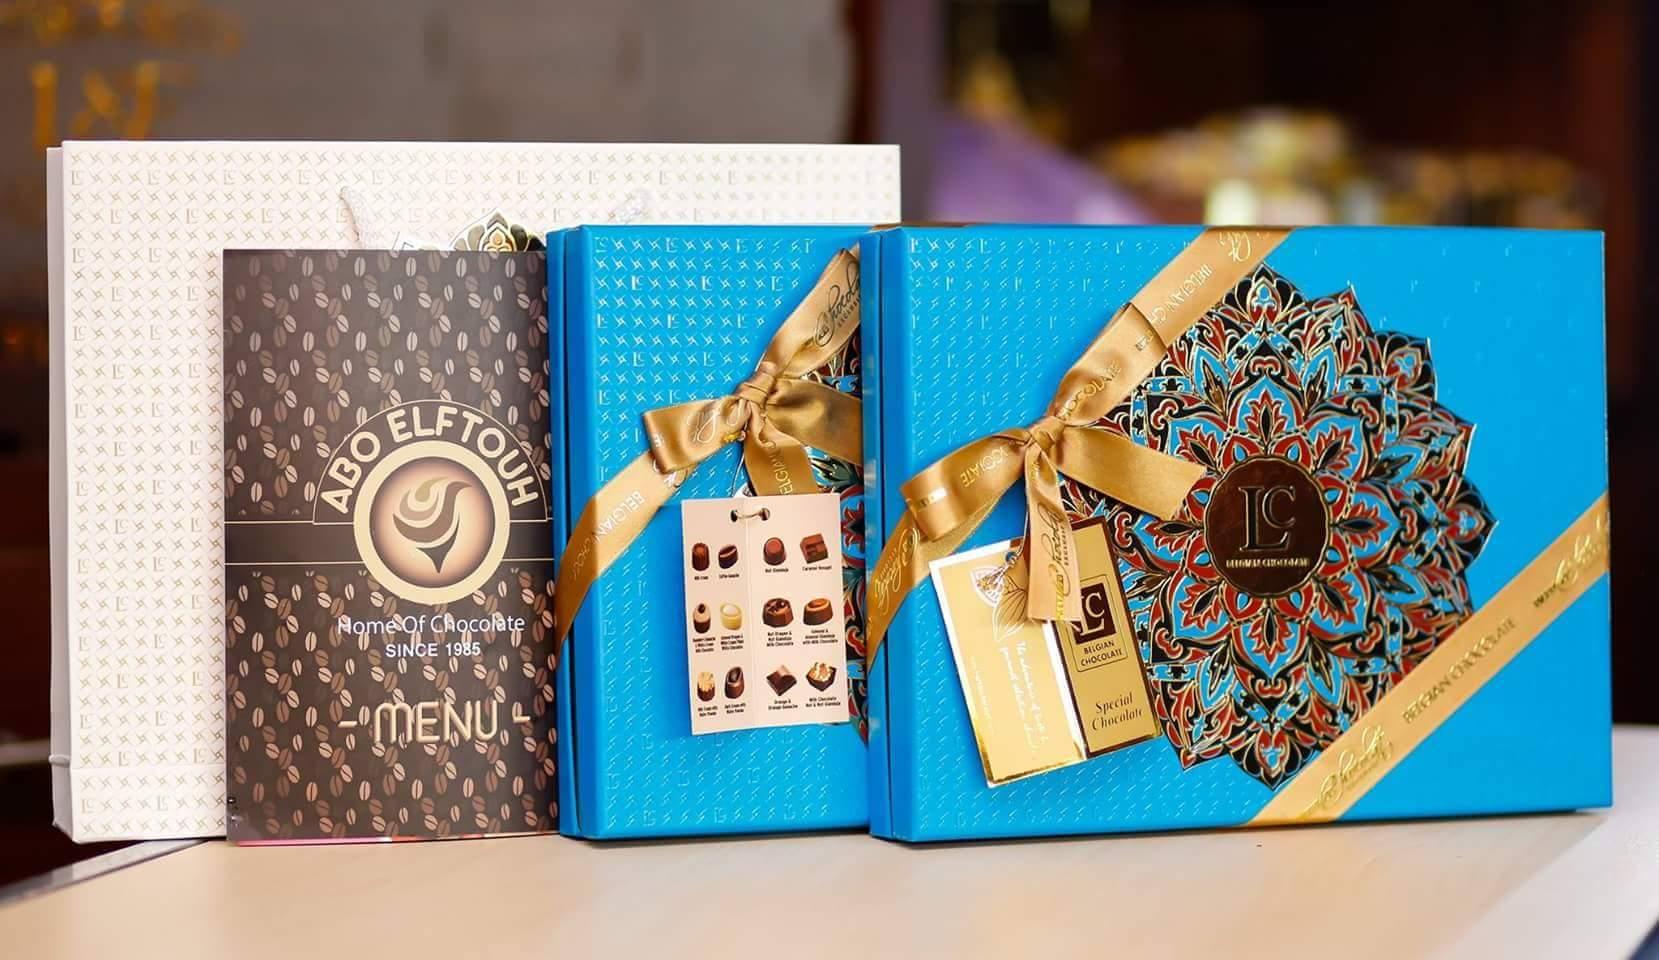 (L C Chocolate(belgium chocolate